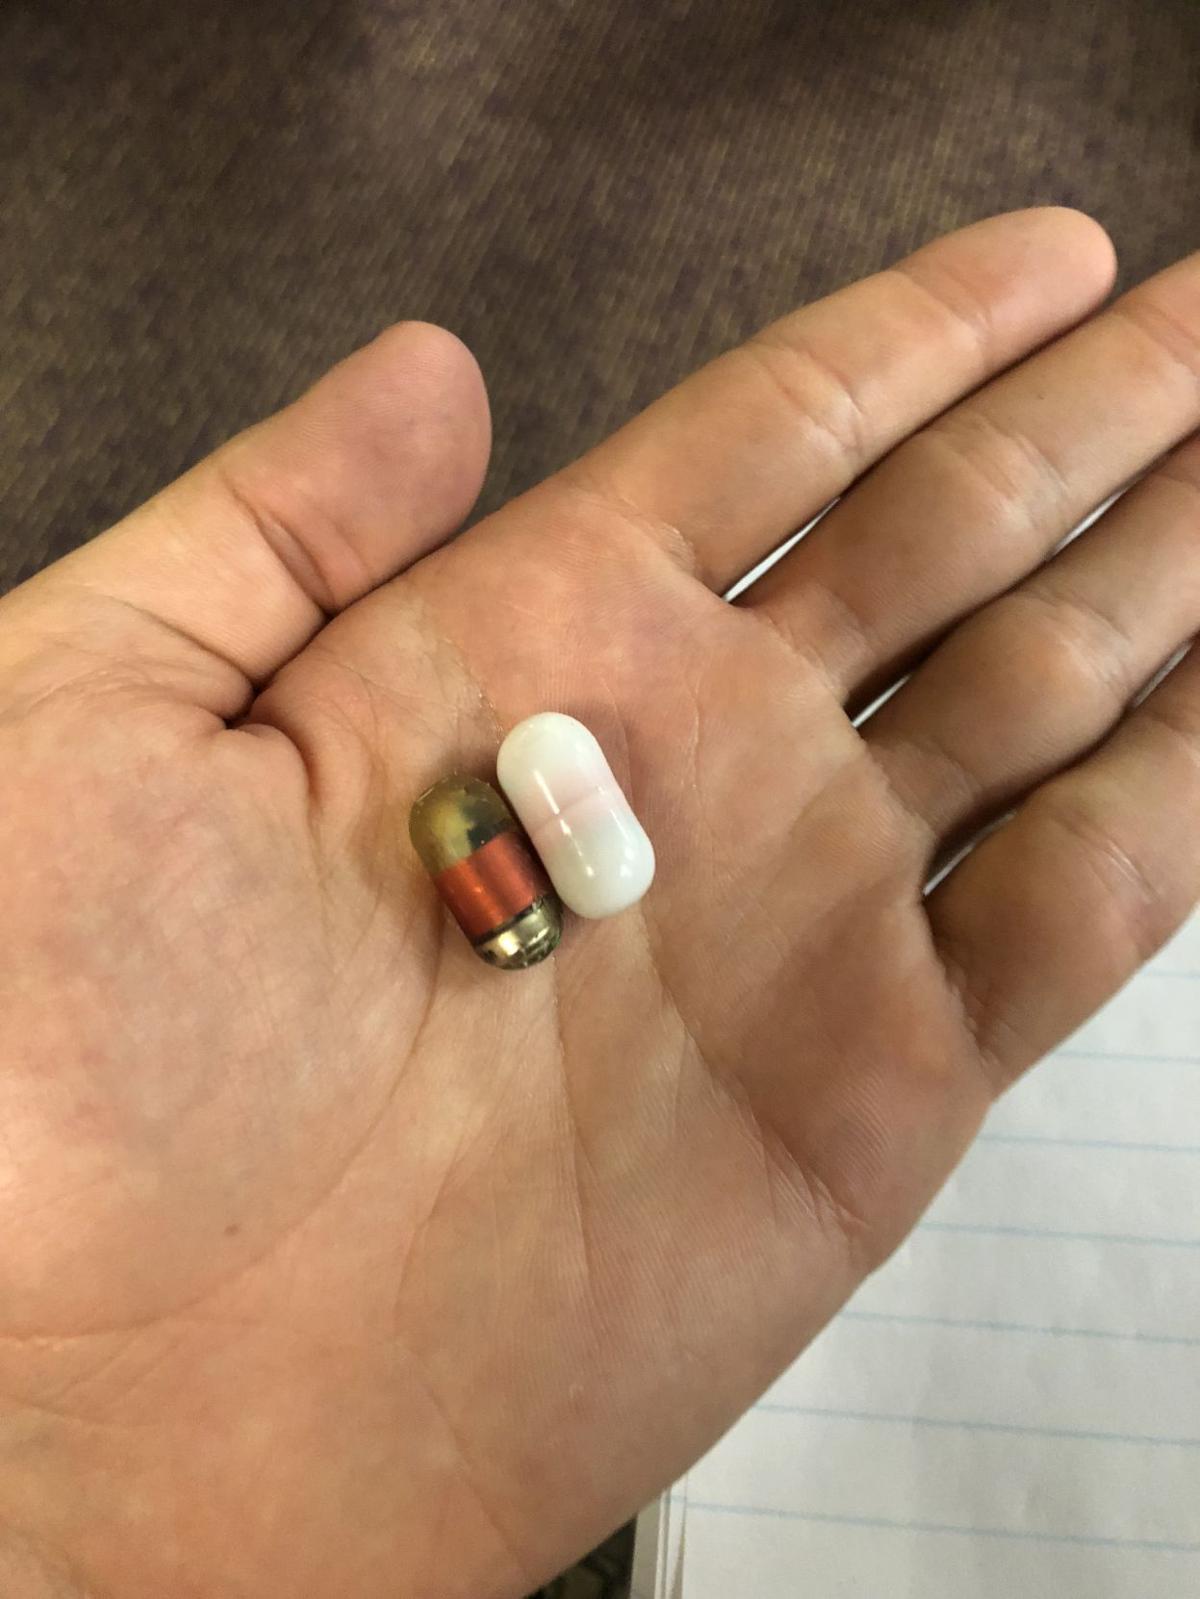 Pill Story: The pill